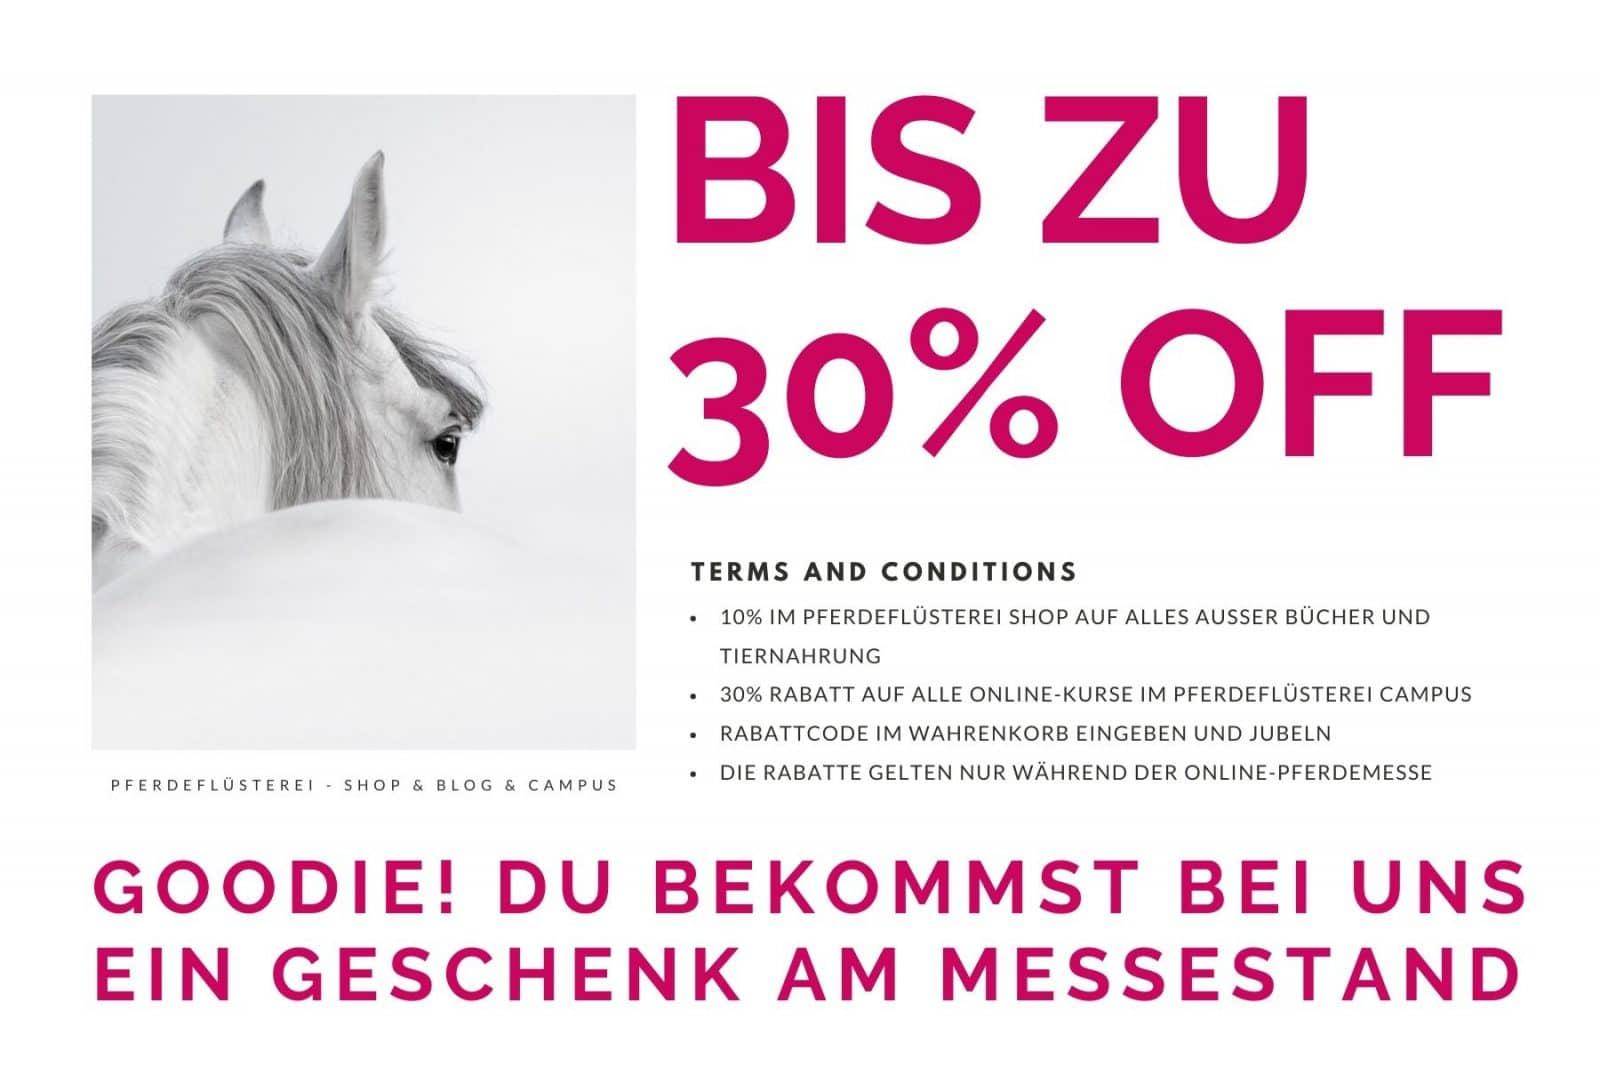 Onlinepferdemesse Rabattaktion Pferdeflüsterei